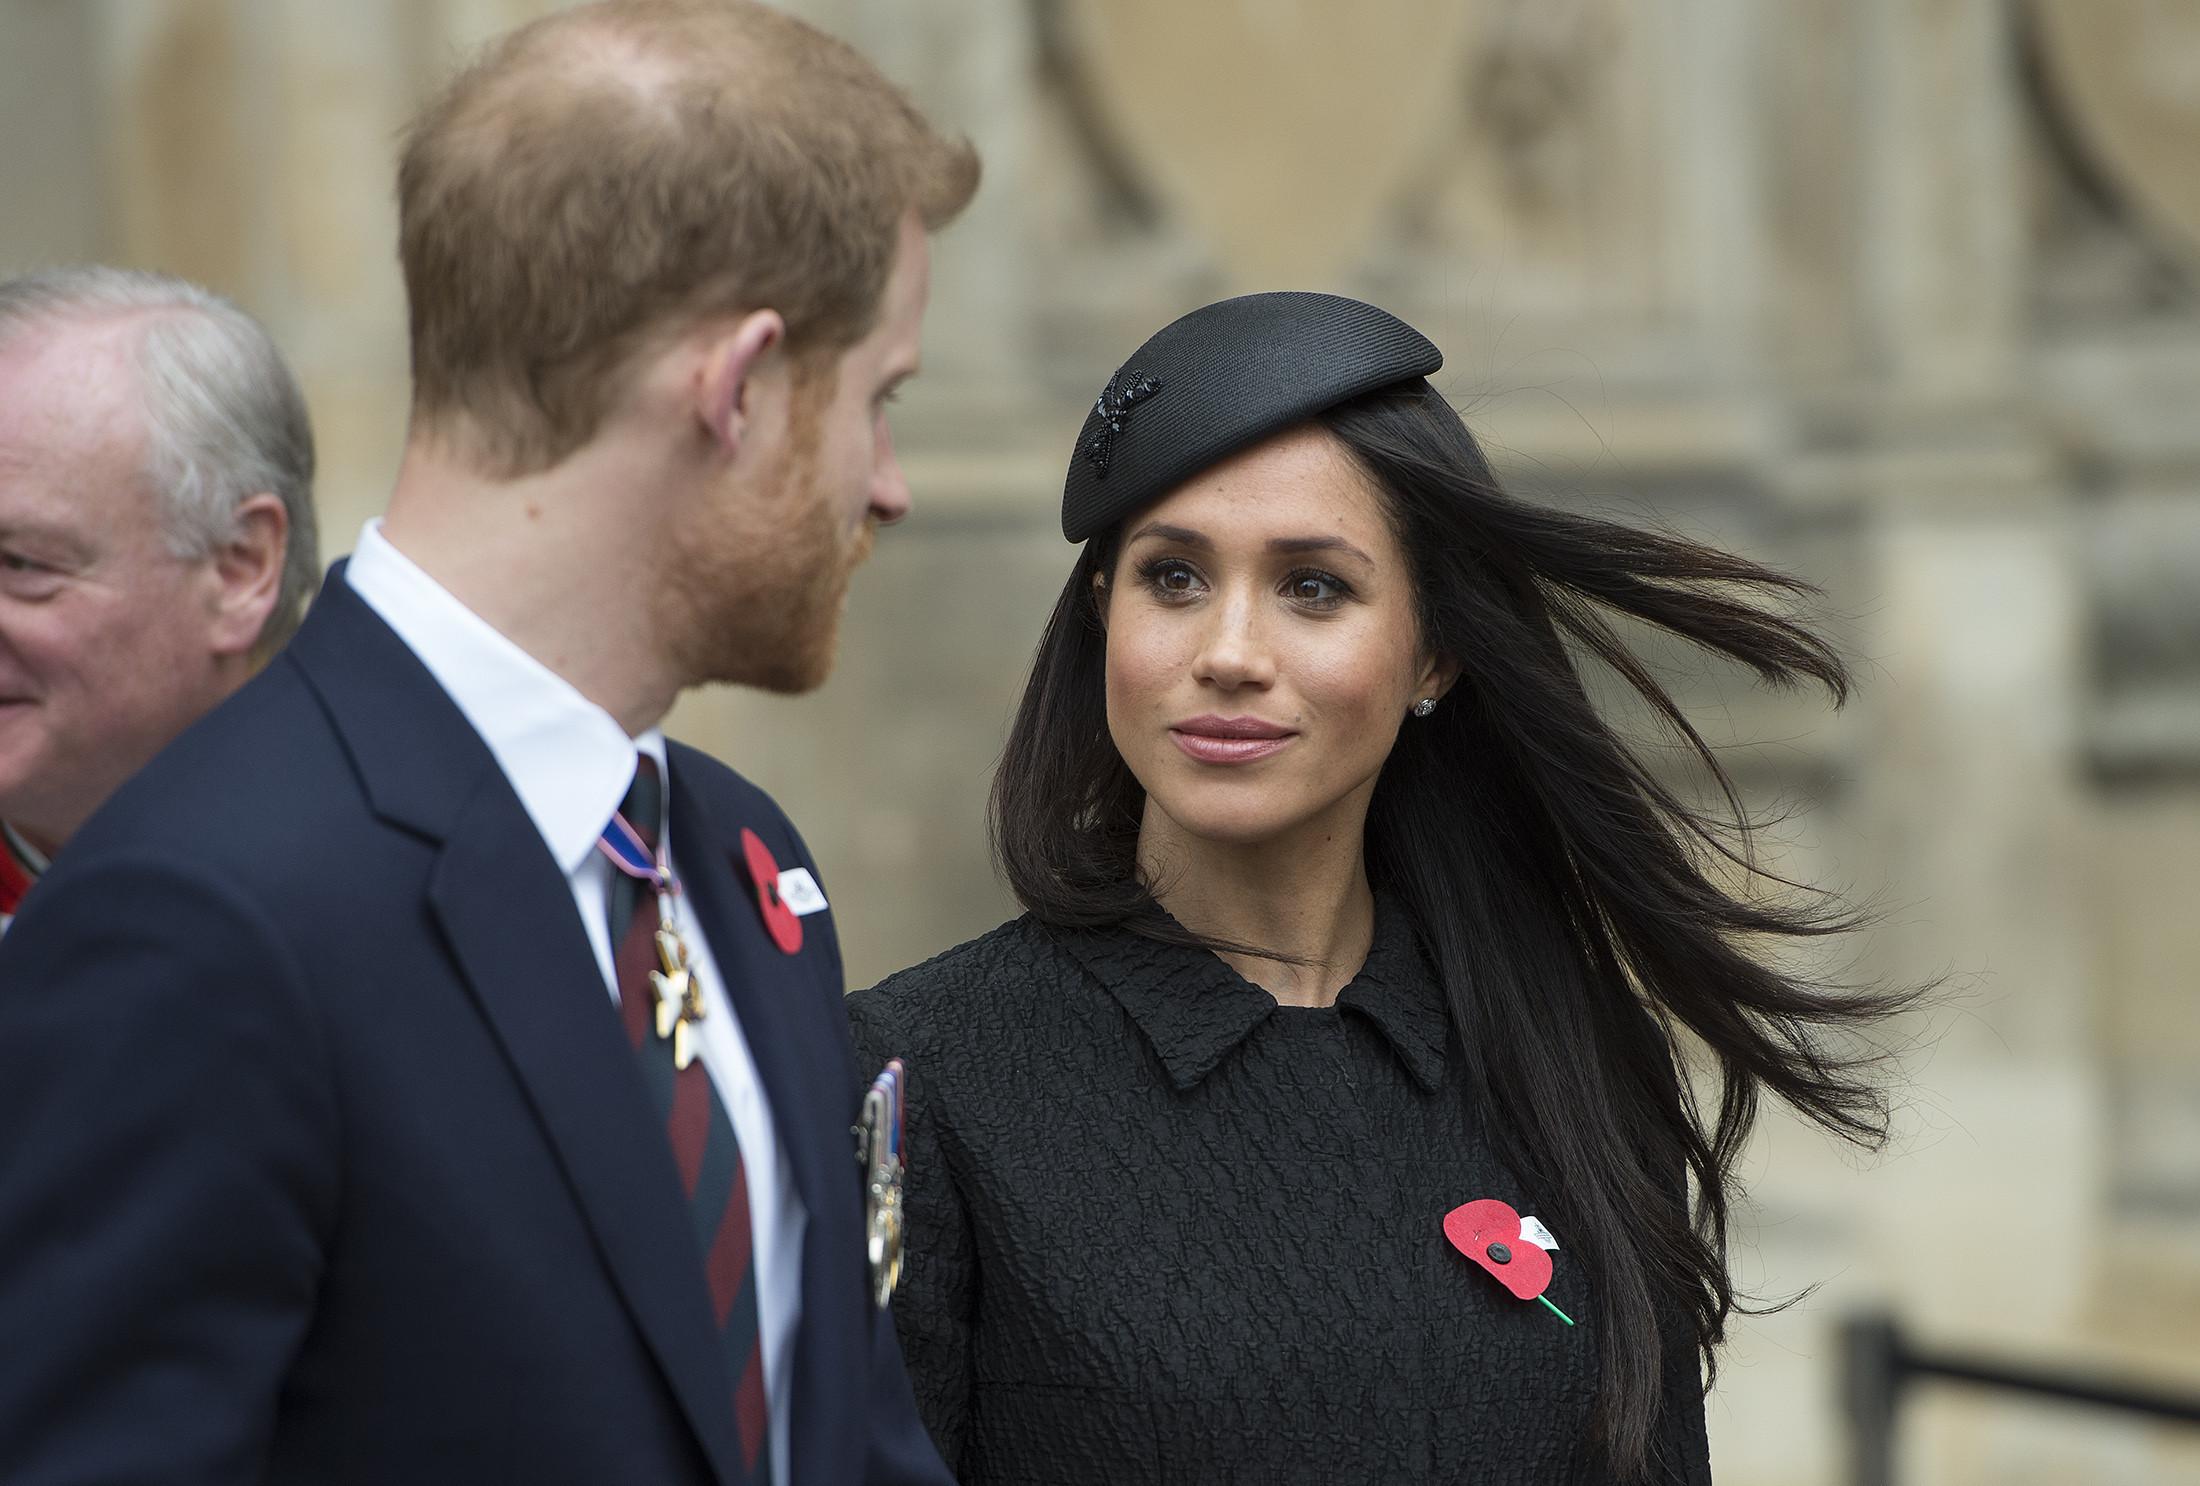 Принц Гарри игерцогиня Меган впервый раз вышли всвет встатусе супругов